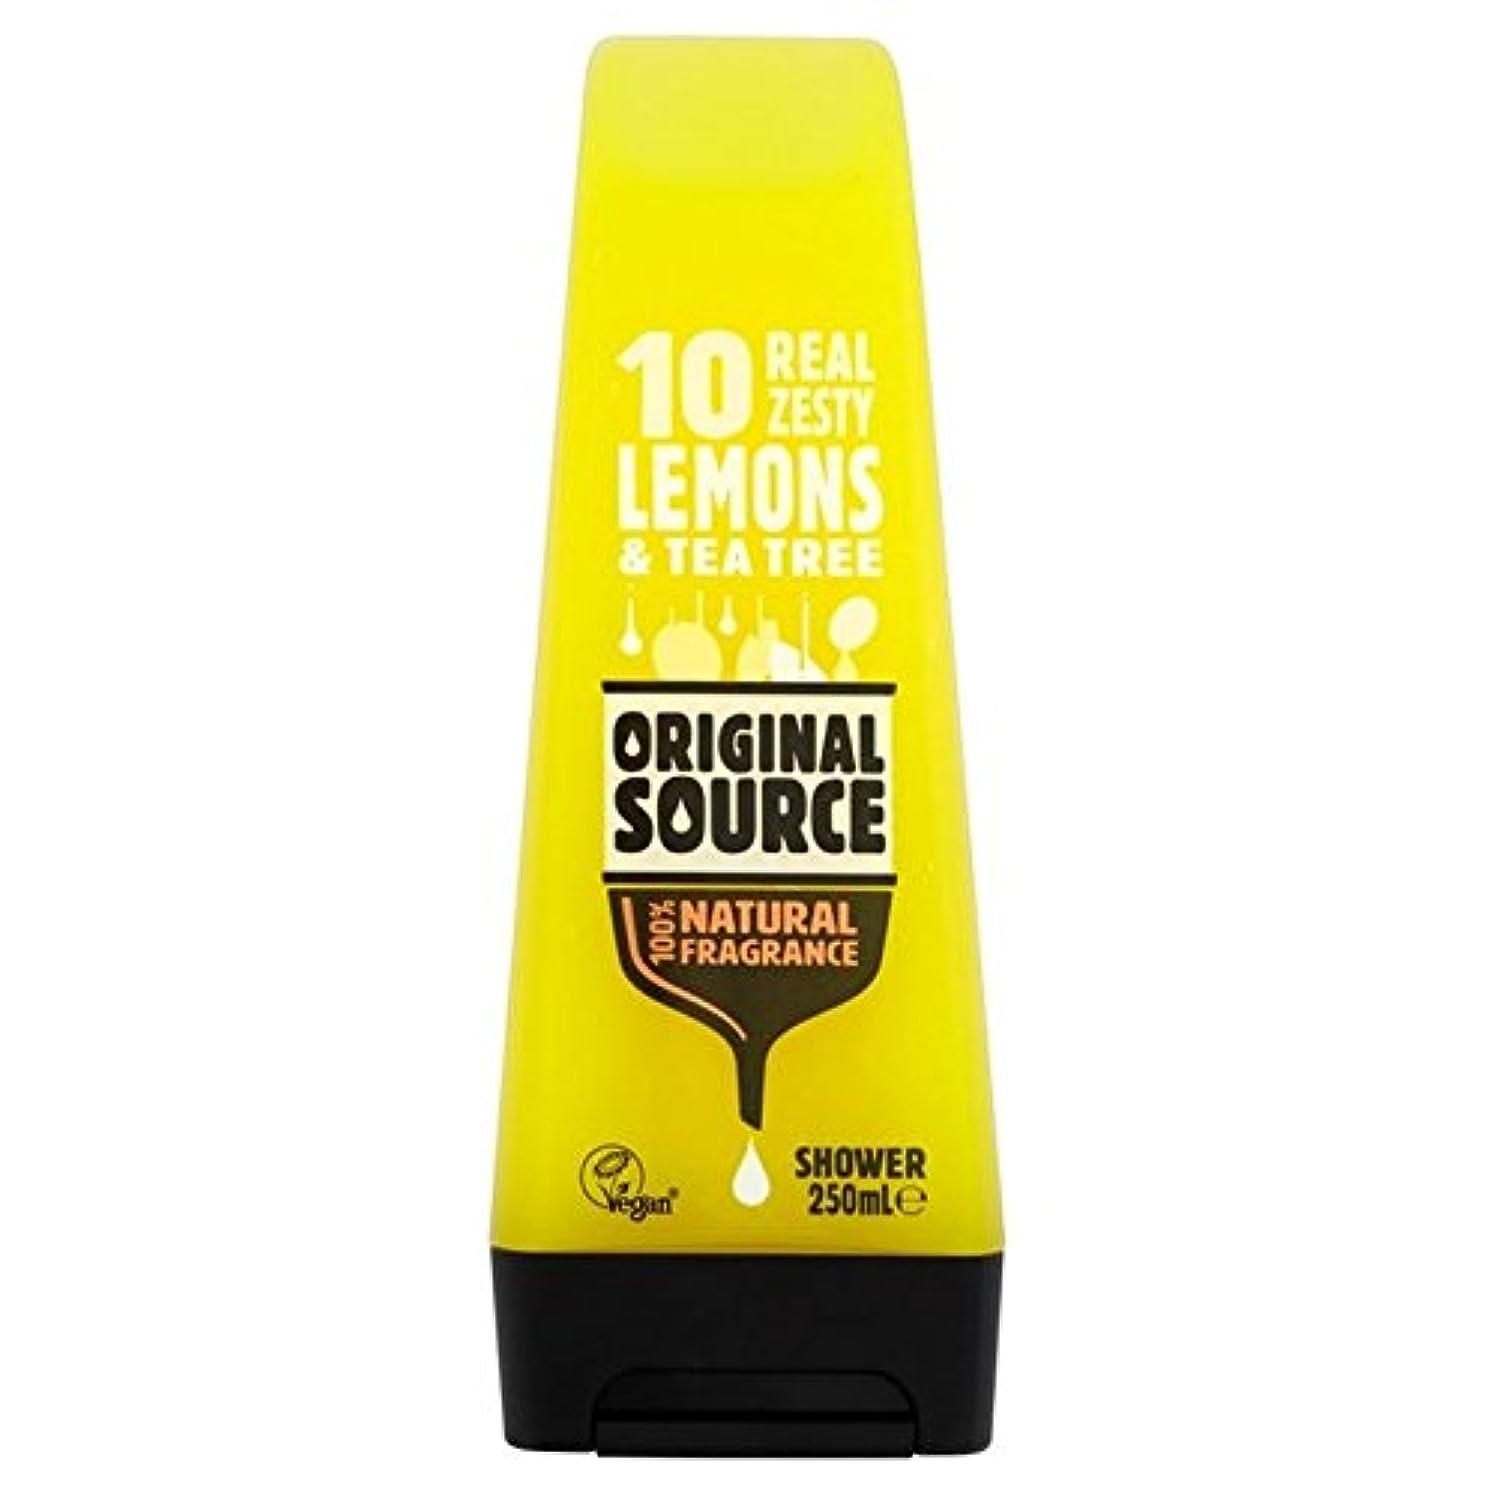 ジョージスティーブンソン敬の念気候Original Source Lemon Shower Gel 250ml (Pack of 6) - 元のソースのレモンシャワージェル250ミリリットル x6 [並行輸入品]